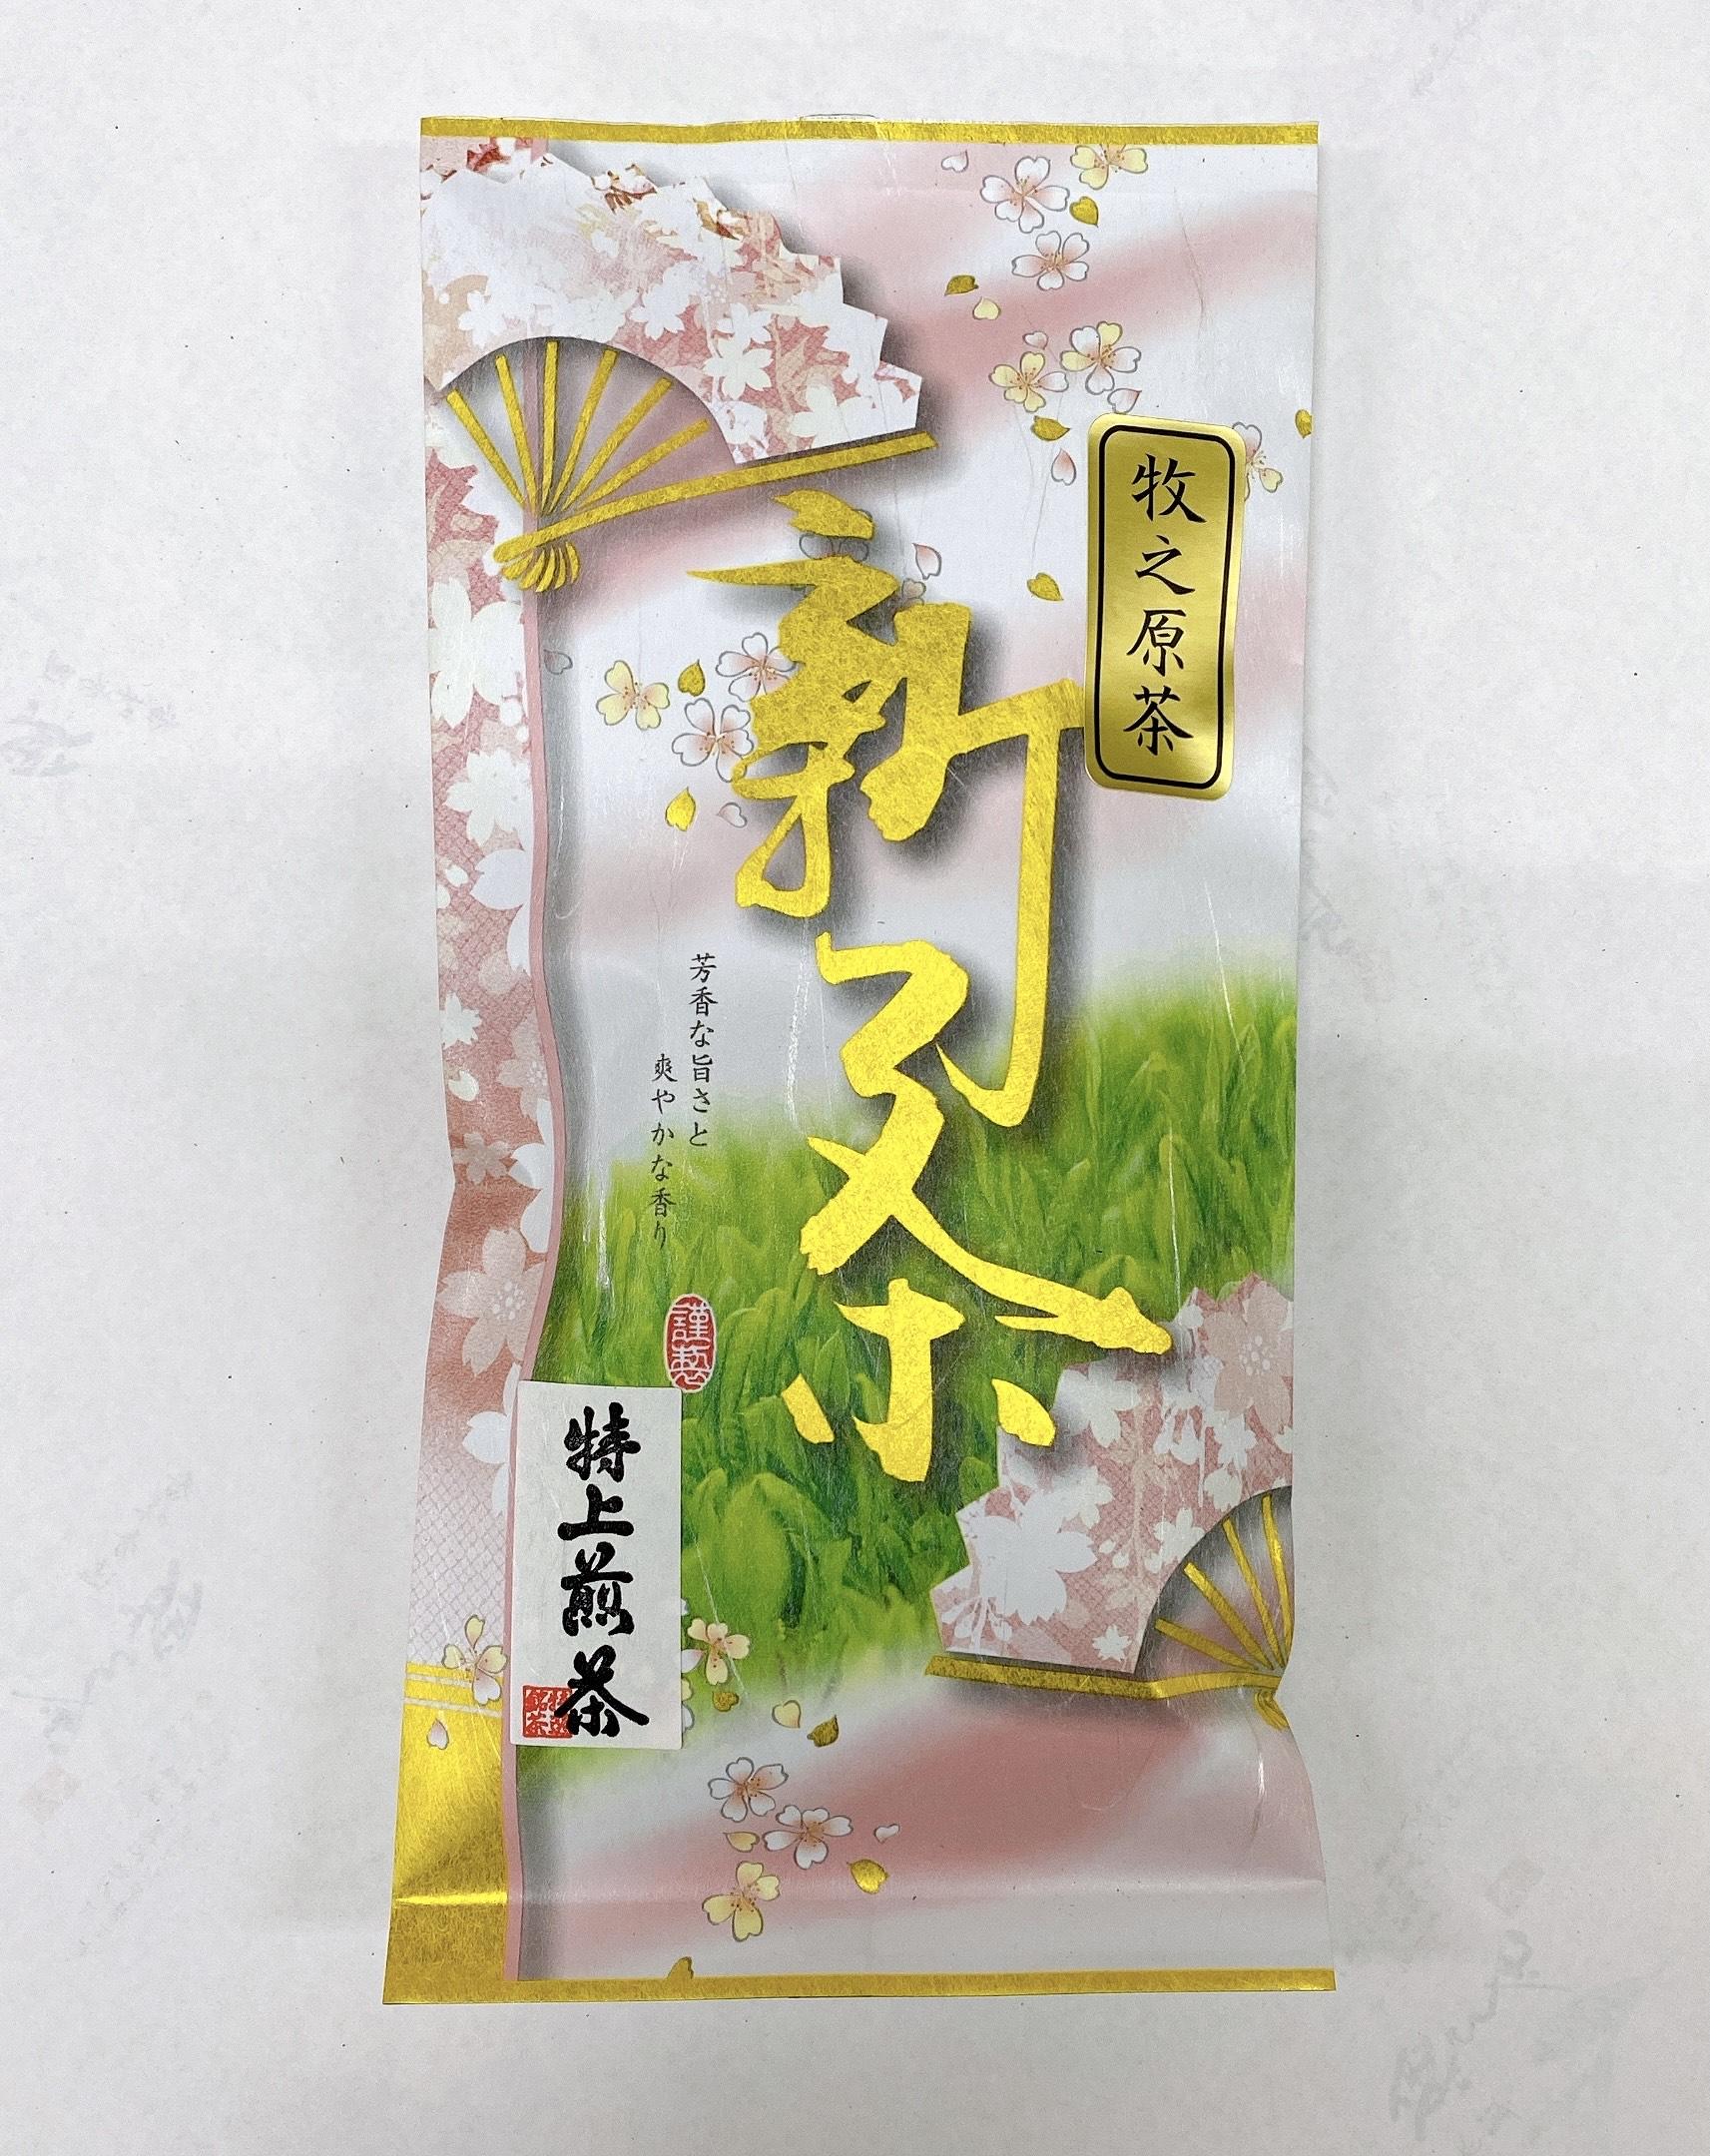 静岡茶(牧之原茶)02特上煎茶100グラム入り